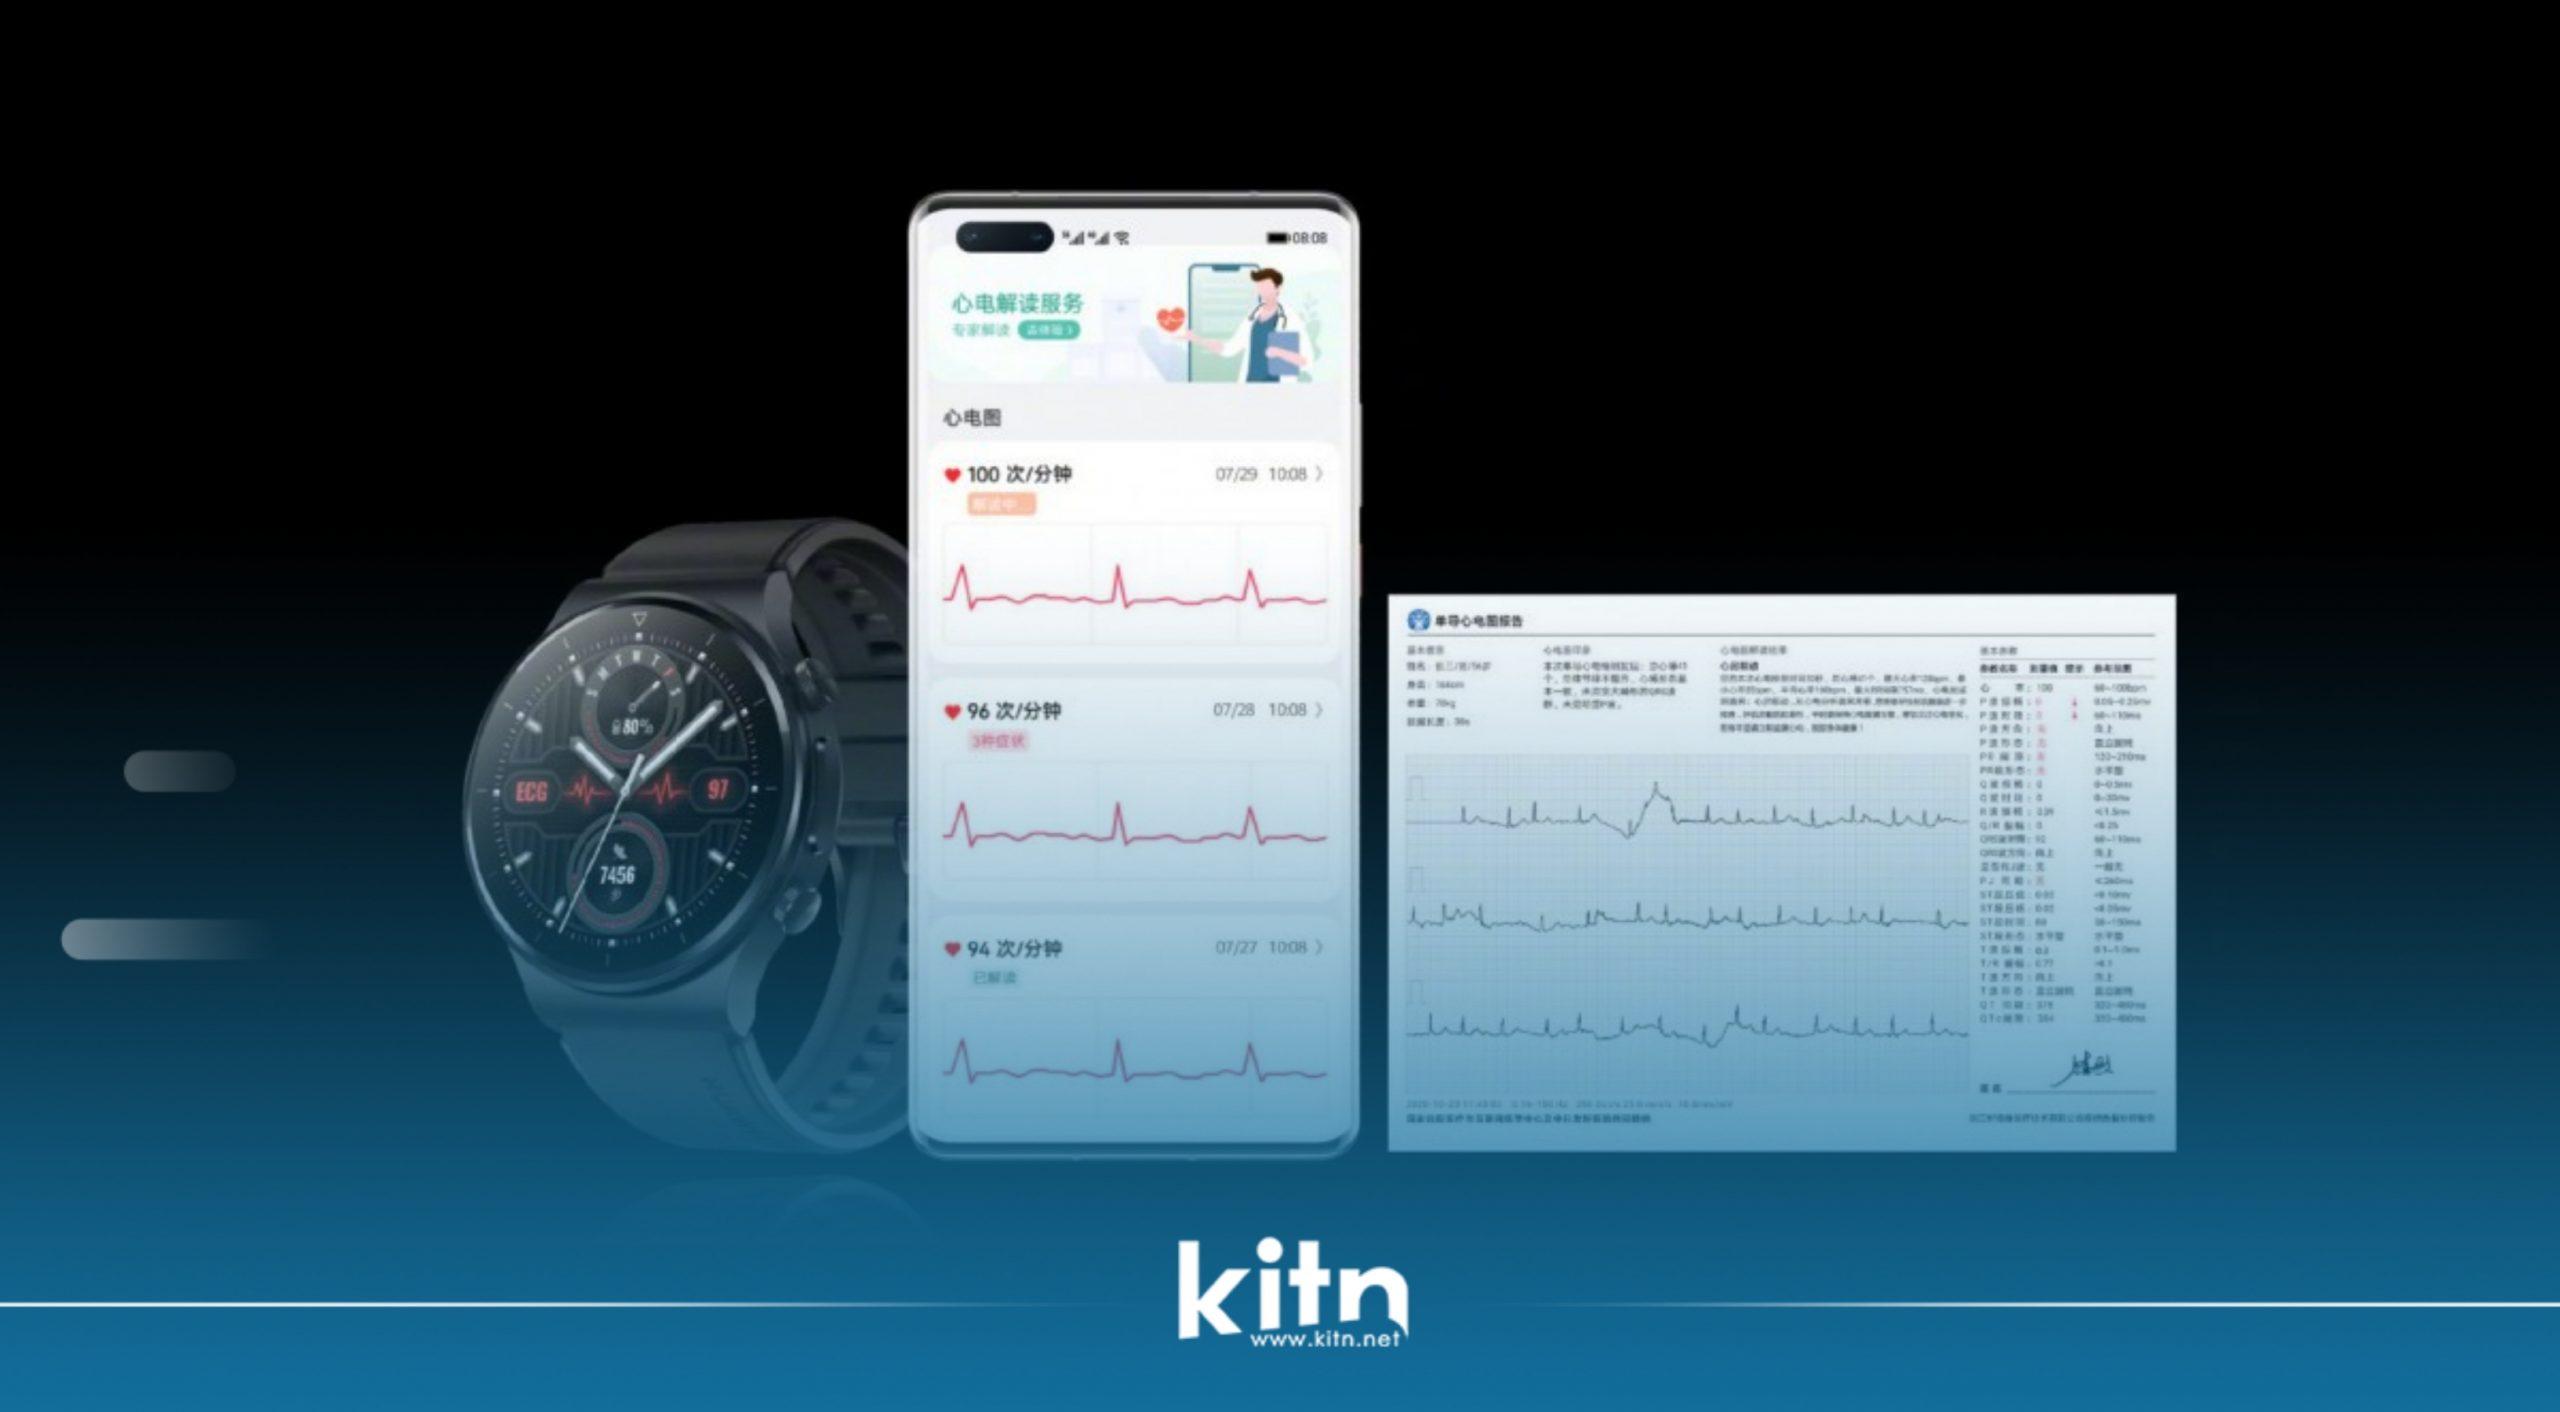 بە فەرمی کاتژمێری Huawei Watch GT 2 Pro ECG و دەستبەندی Band 6 Pro نمایش کران